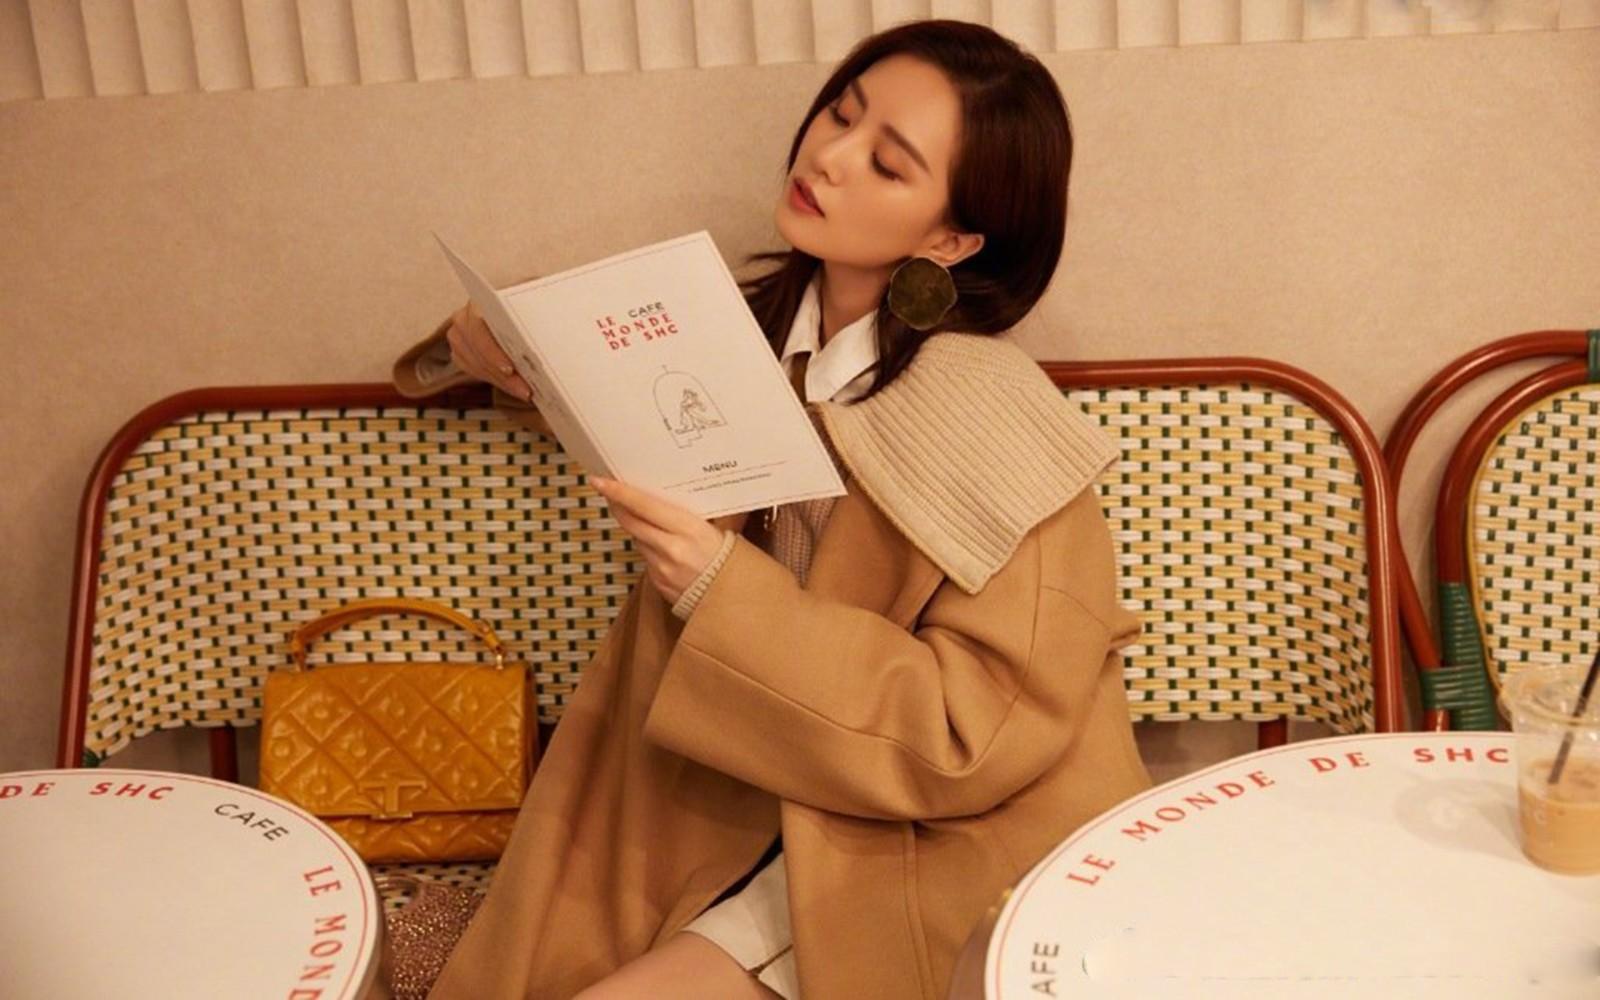 刘诗诗浪漫秋日街拍高清桌面壁纸